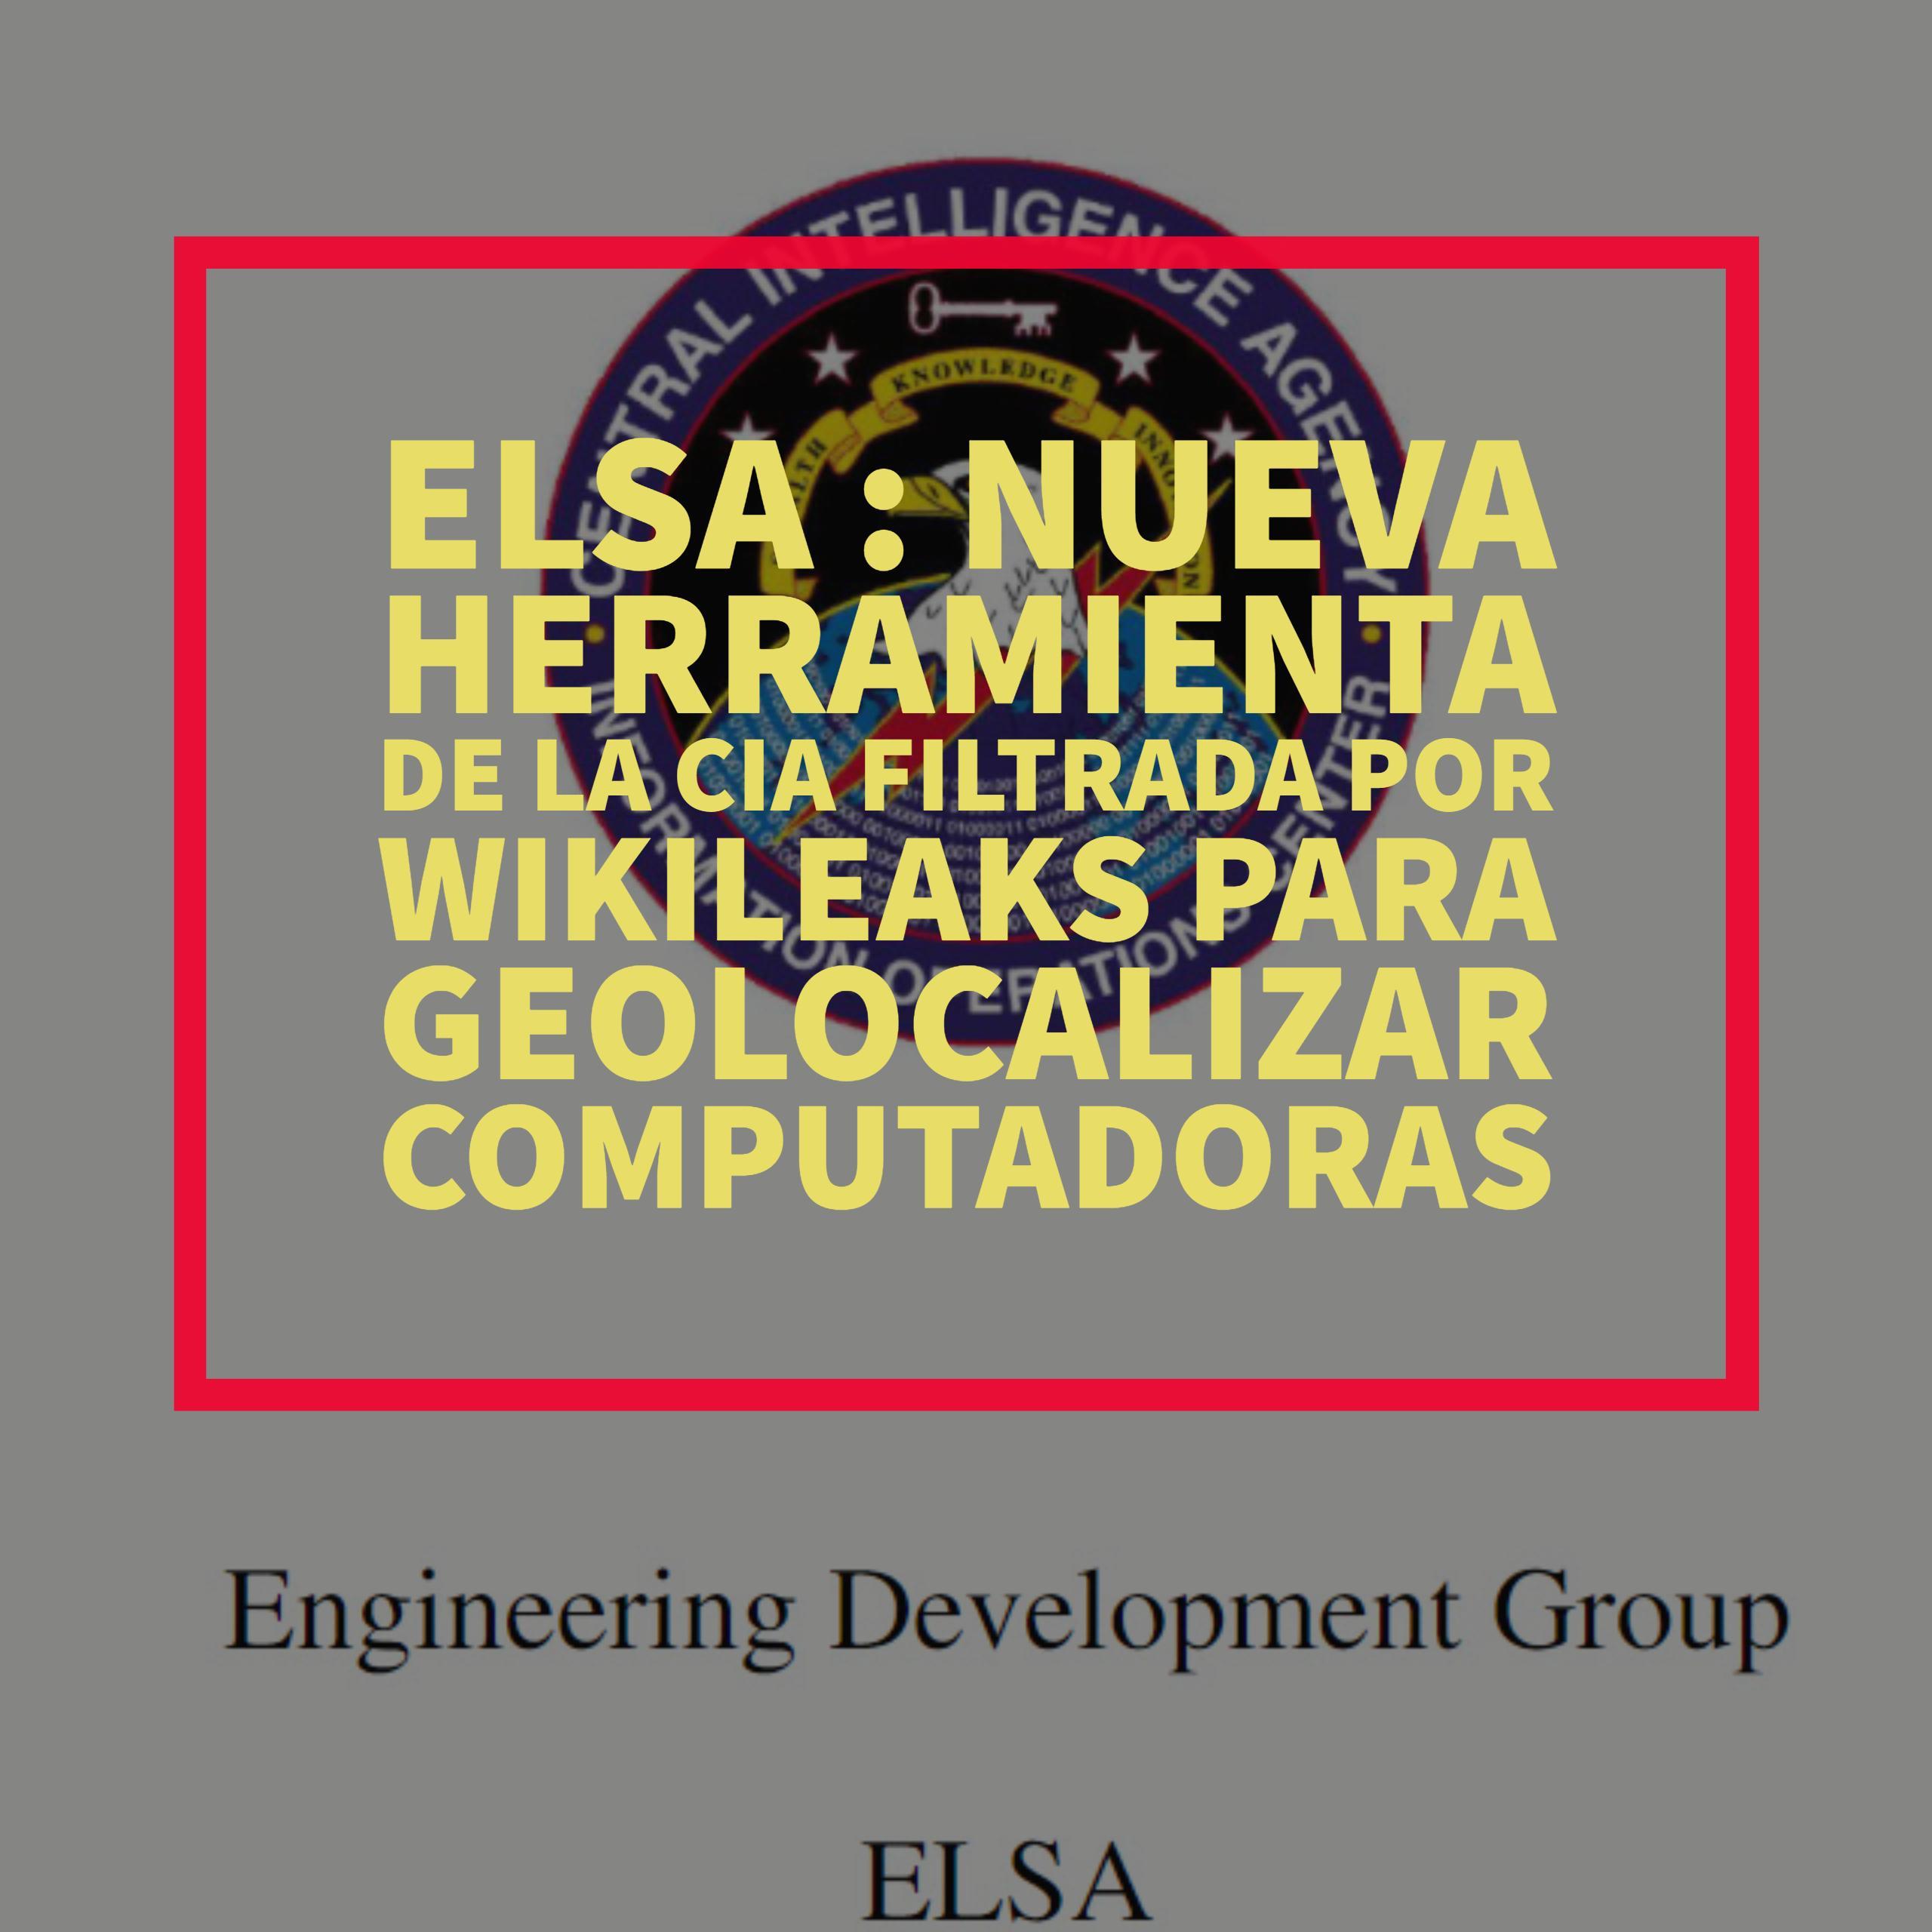 ELSA : Nueva herramienta de la CIA filtrada por Wikileaks para geolocalizar computadoras